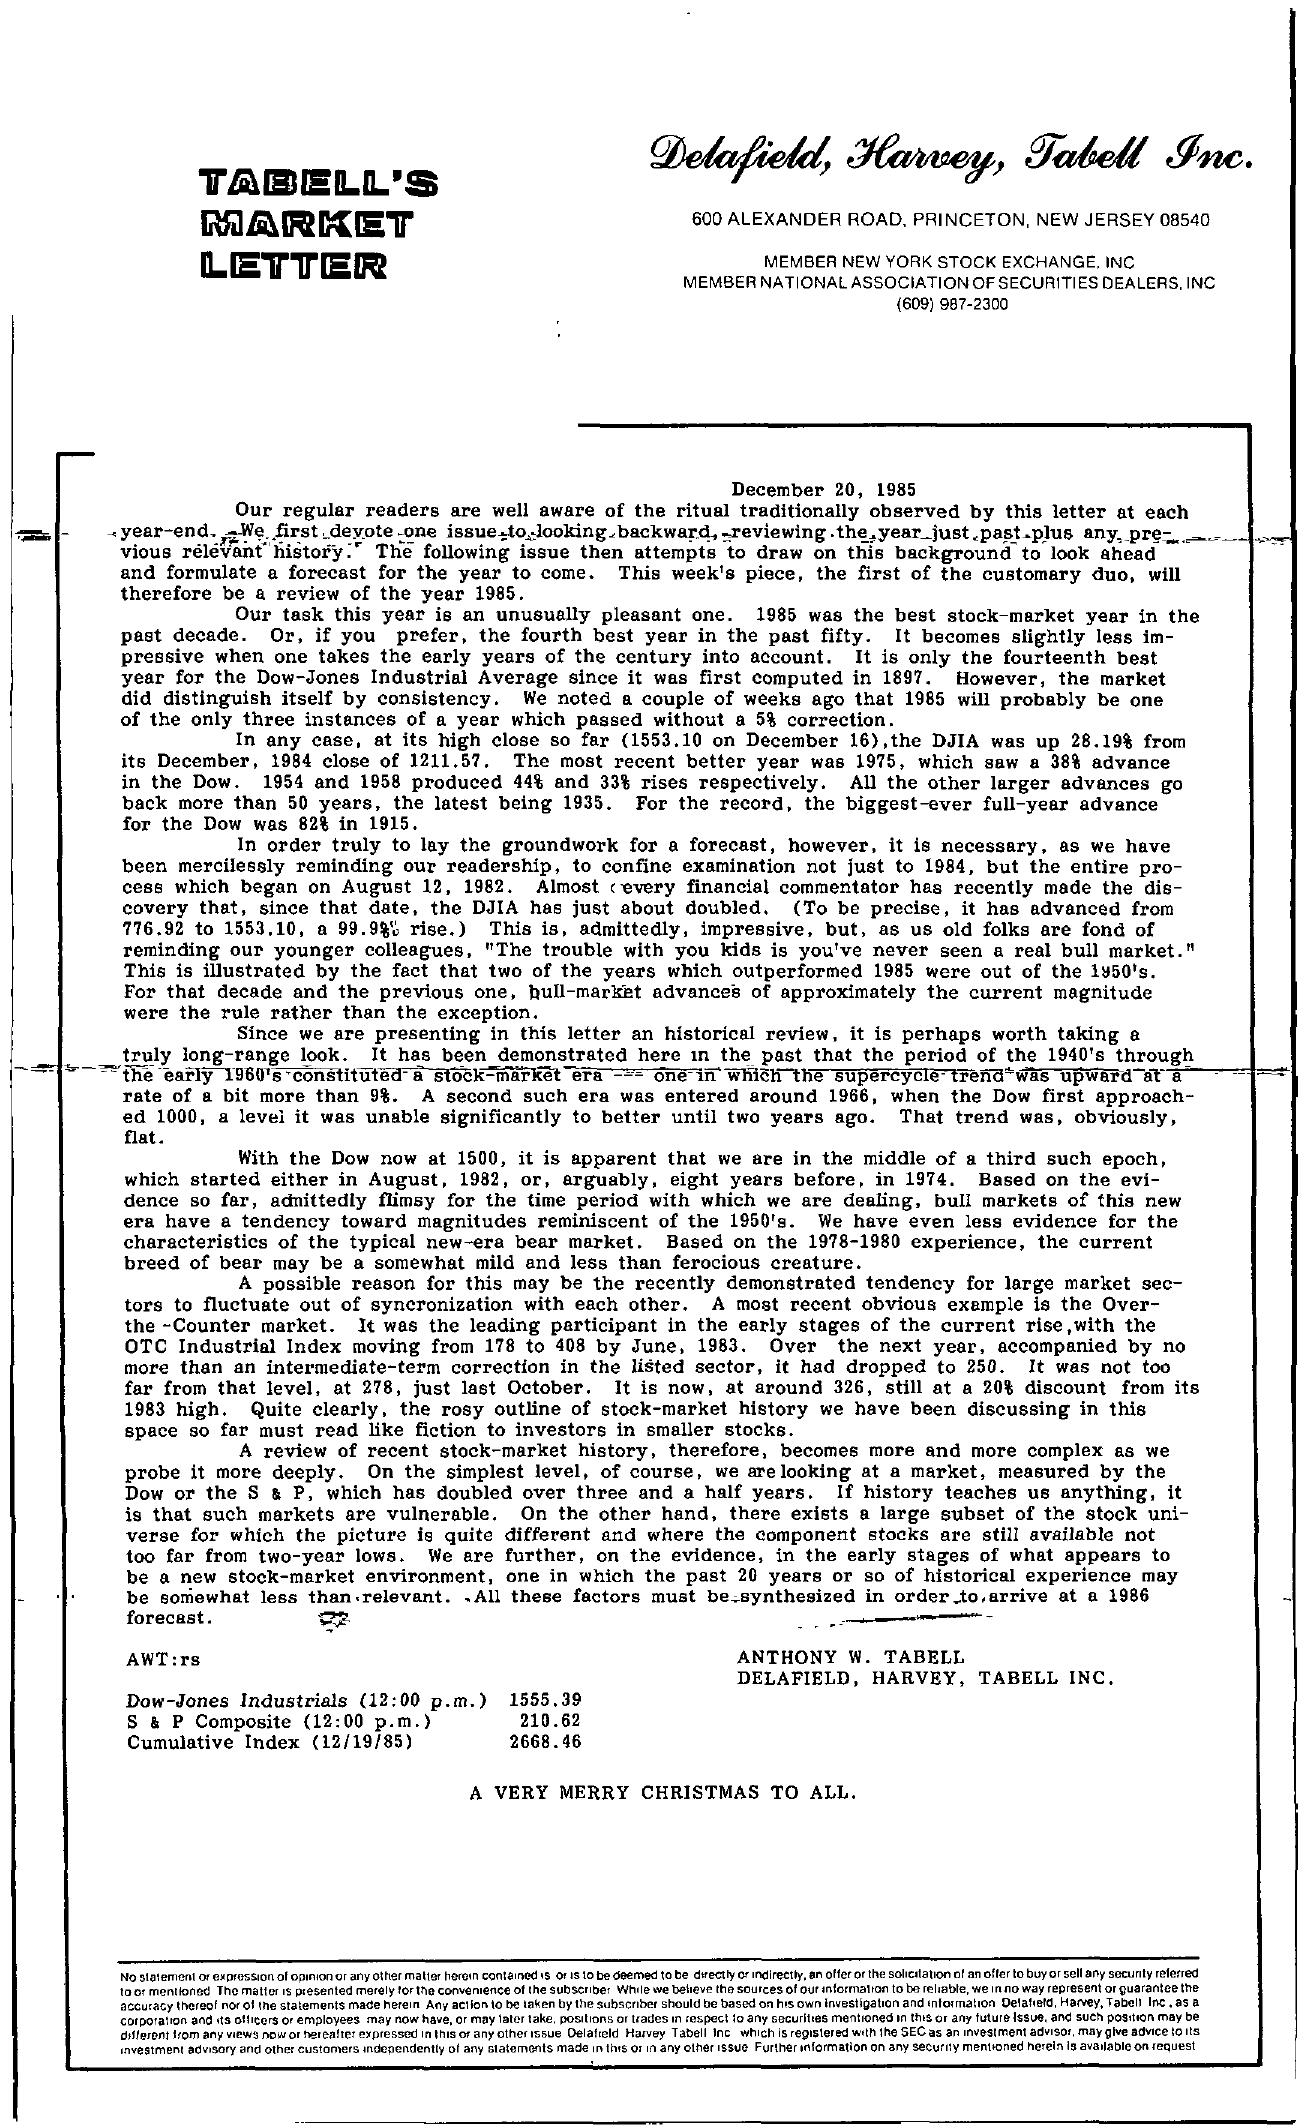 Tabell's Market Letter - December 20, 1985